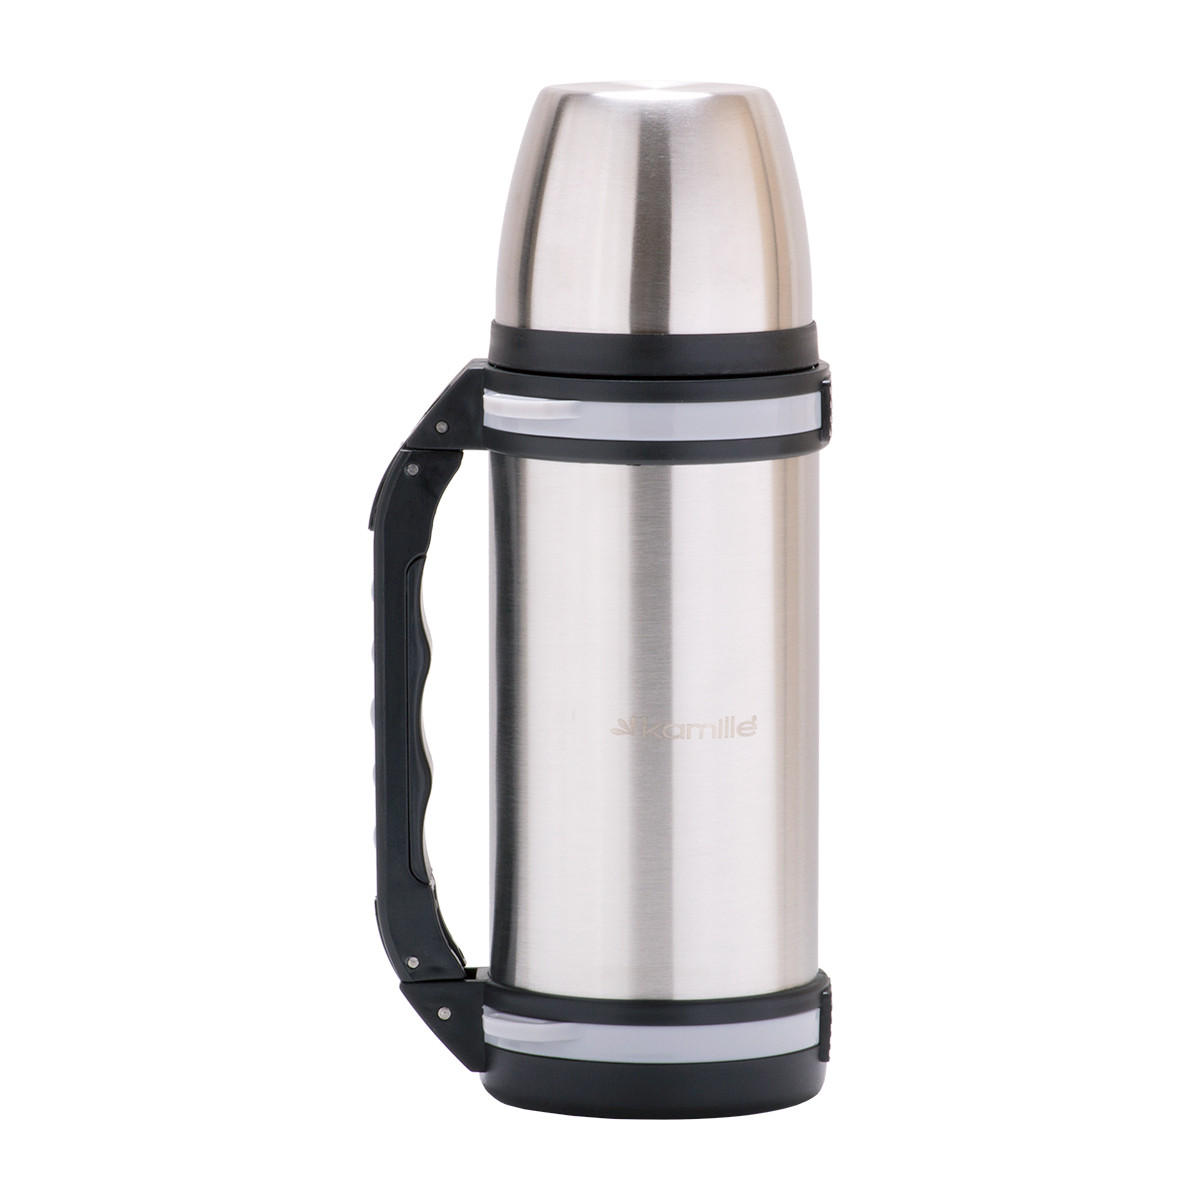 Термос для напоїв Kamille 1л з нержавіючої сталі з ручкою і ремінцем, питної термос для чаю та кави